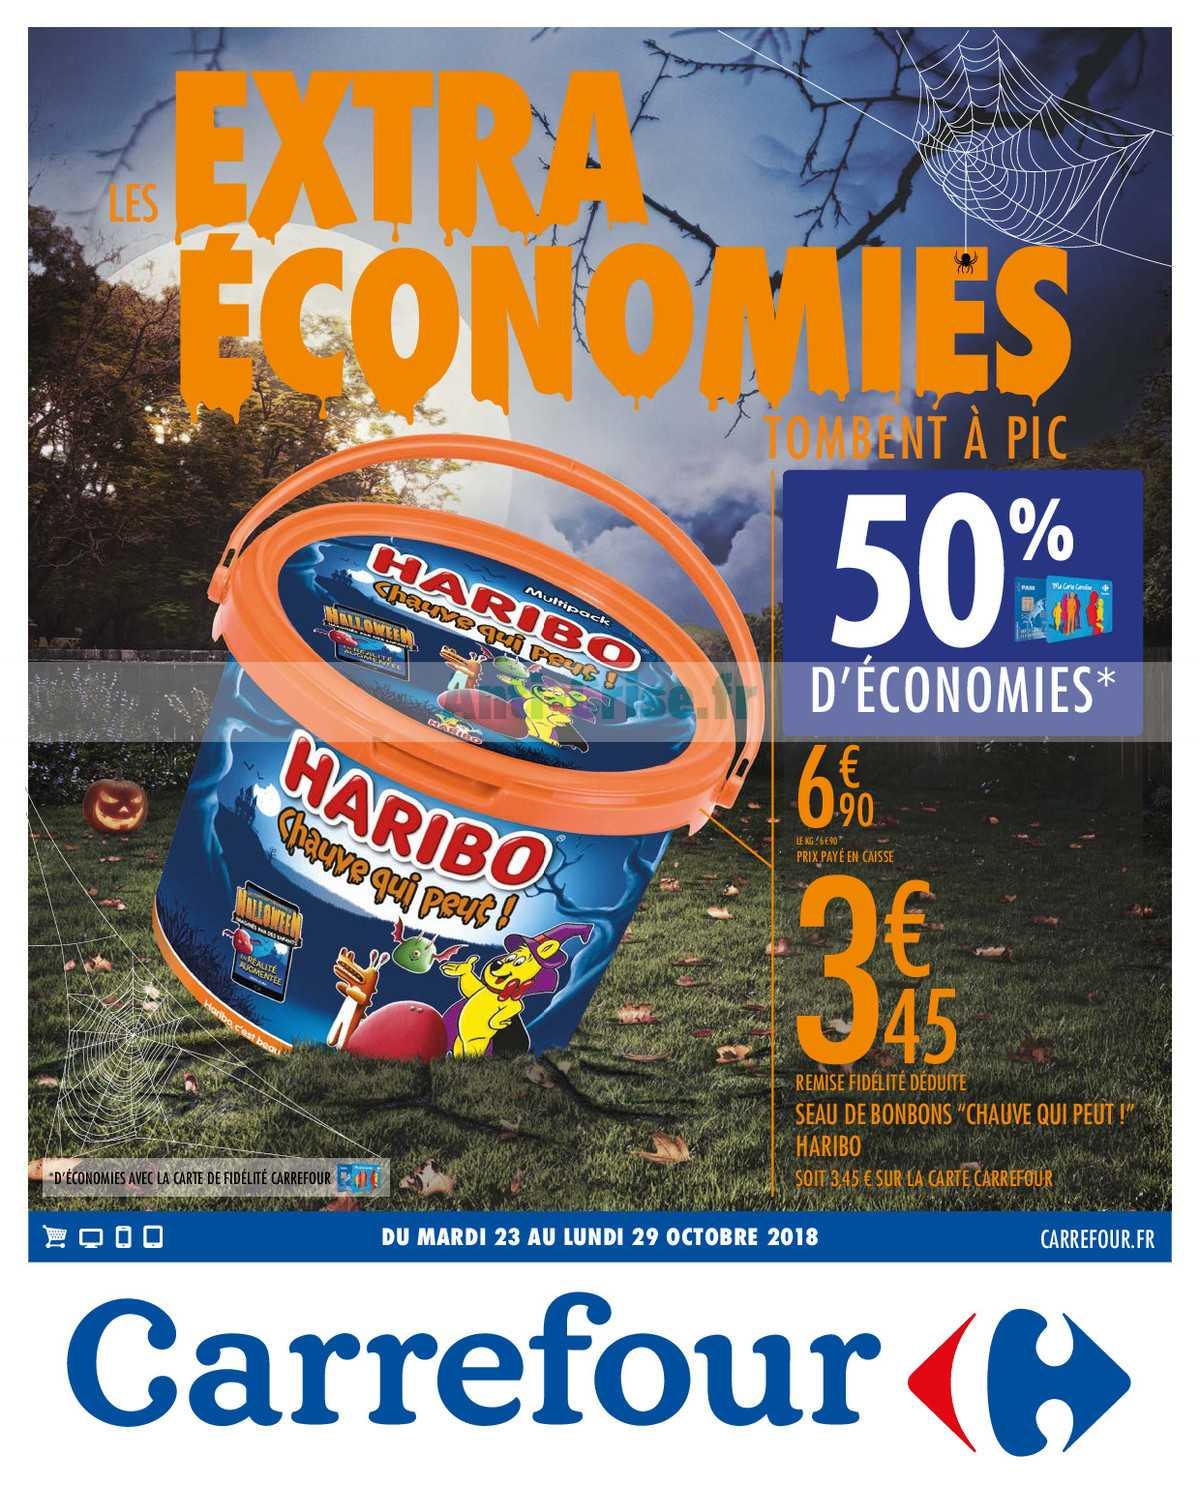 Catalogue Carrefour du 23 au 29 octobre 2018 (Economies)